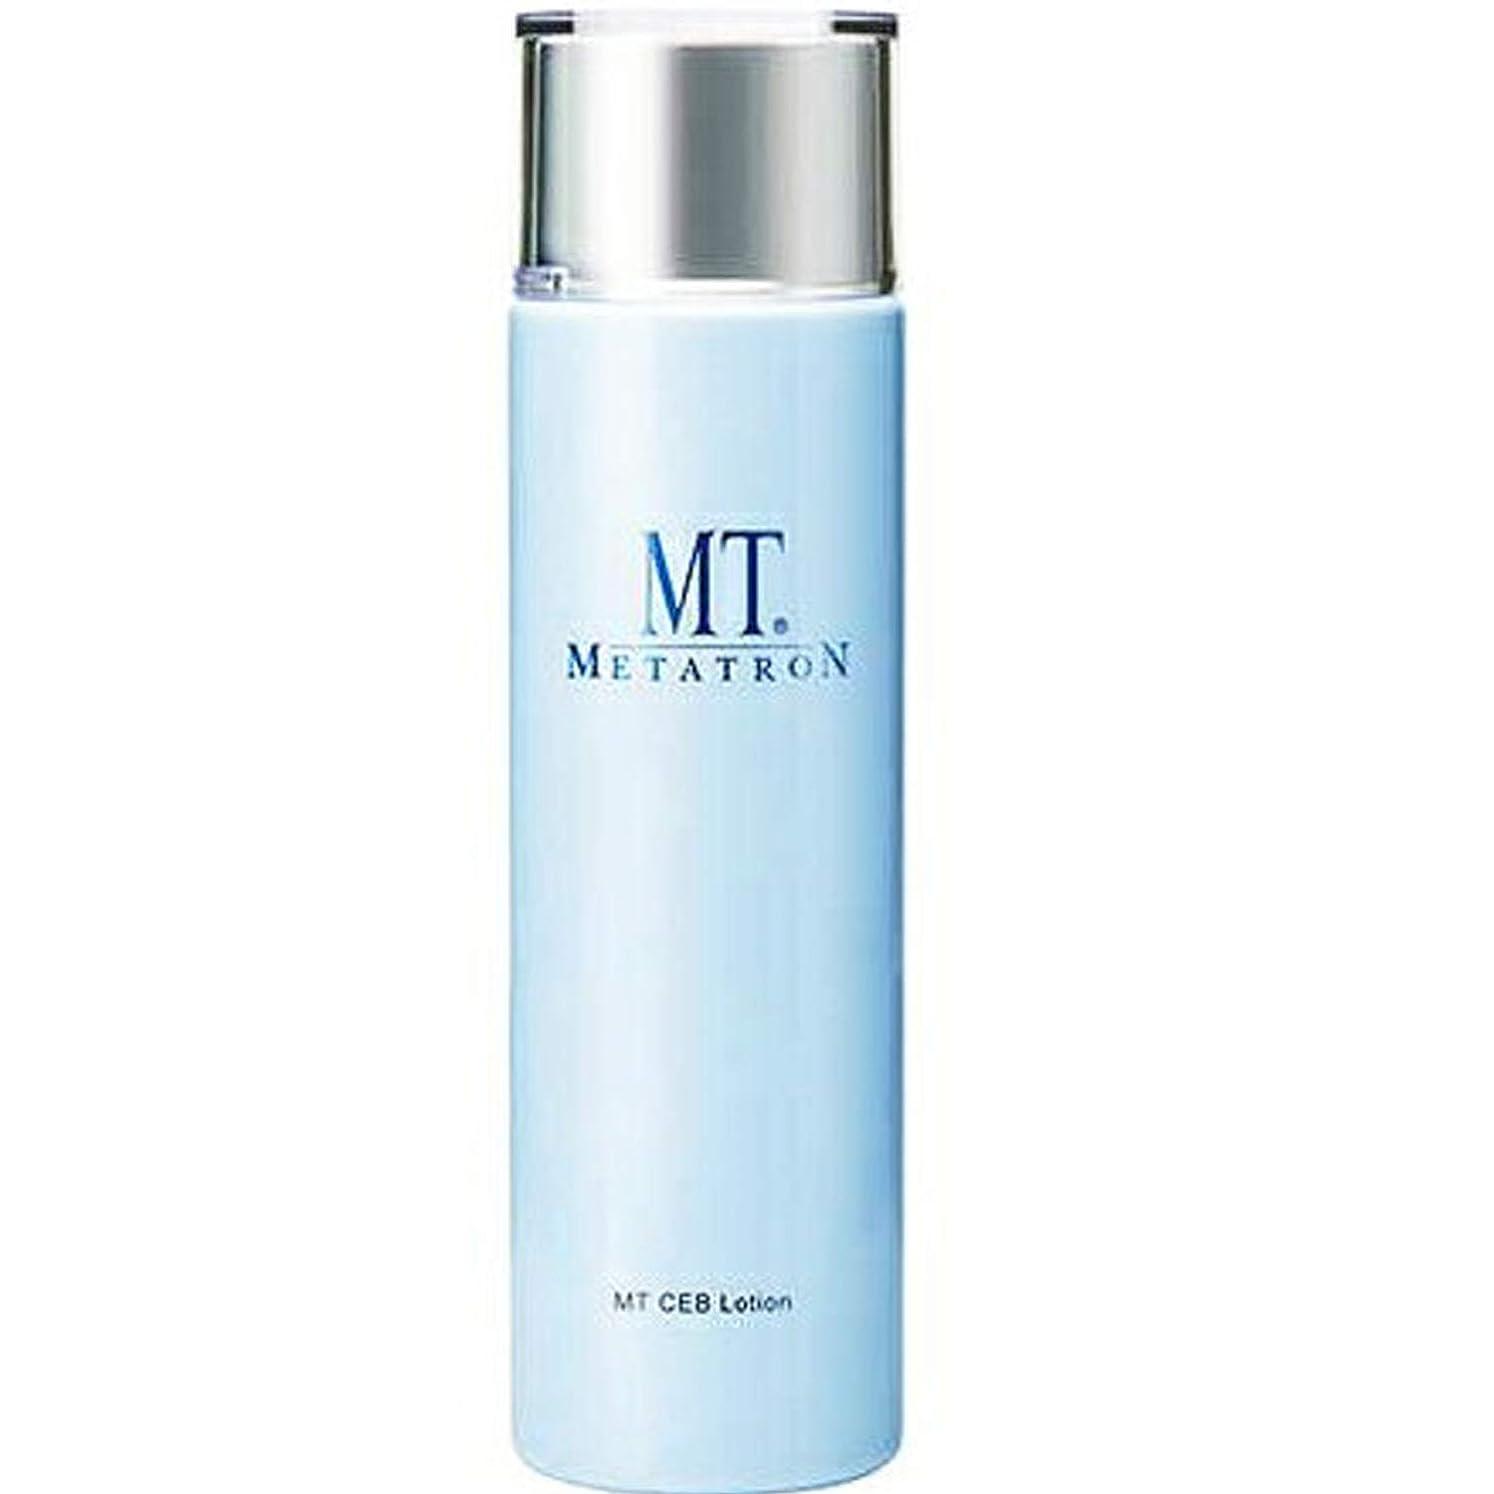 ごみプレゼント宣伝MTメタトロン MT CEB ローション 150mL 化粧水